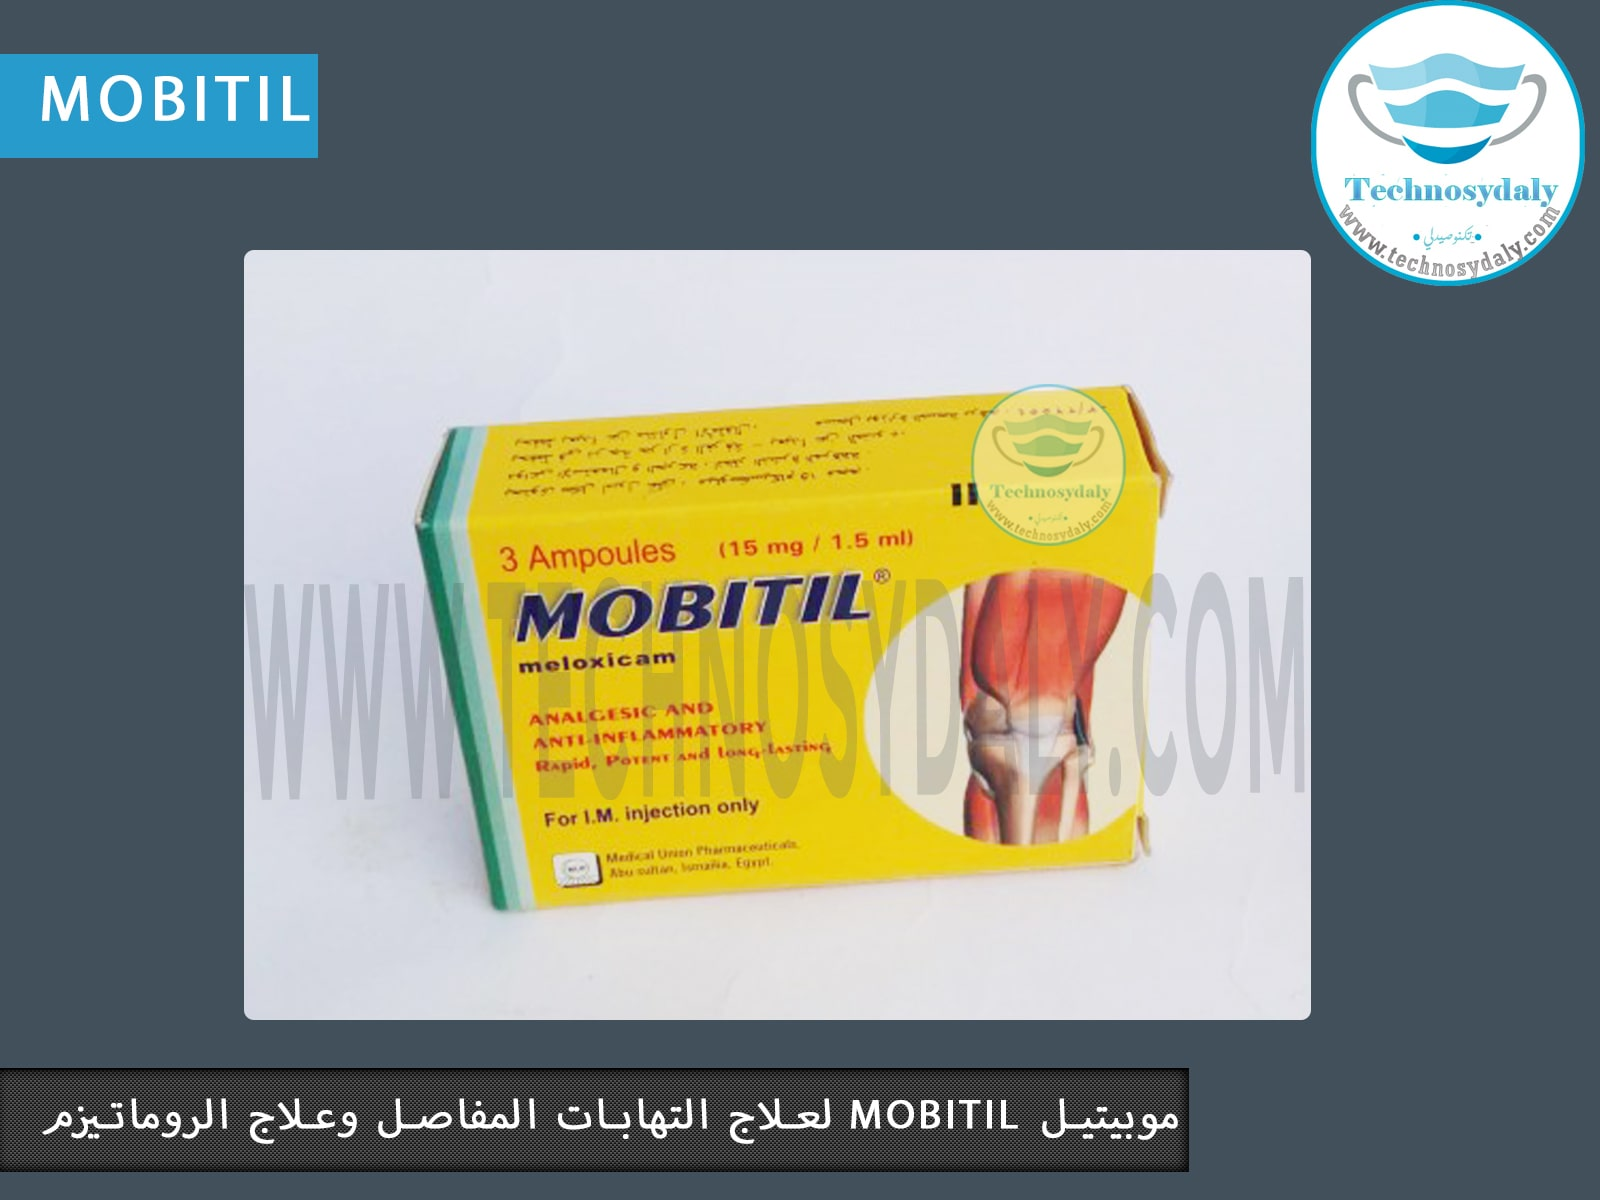 موبيتيل mobitil لعلاج التهابات المفاصل